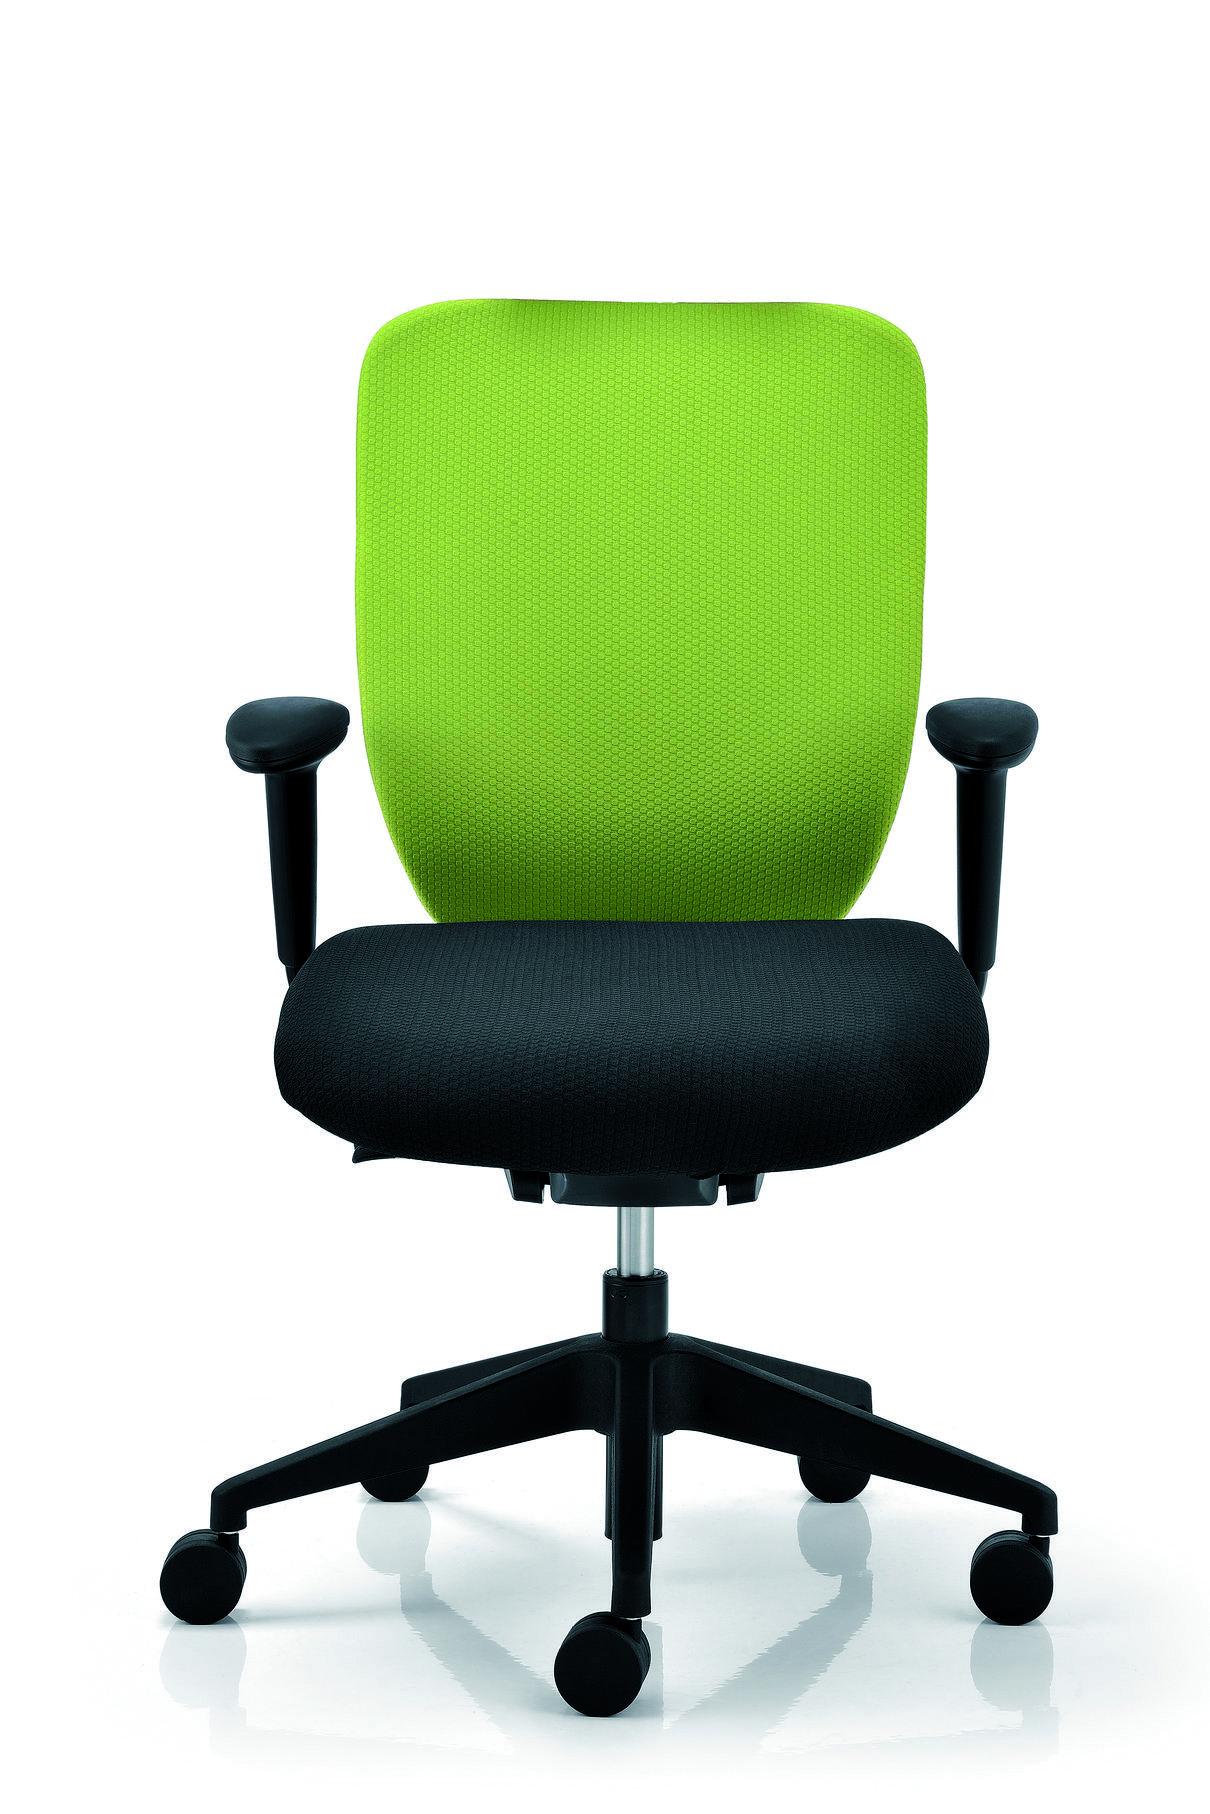 Poltrone Con Ruote Per Ufficio.Seduta Operativa Poltrona Base Con Ruote Braccioli E Sedile